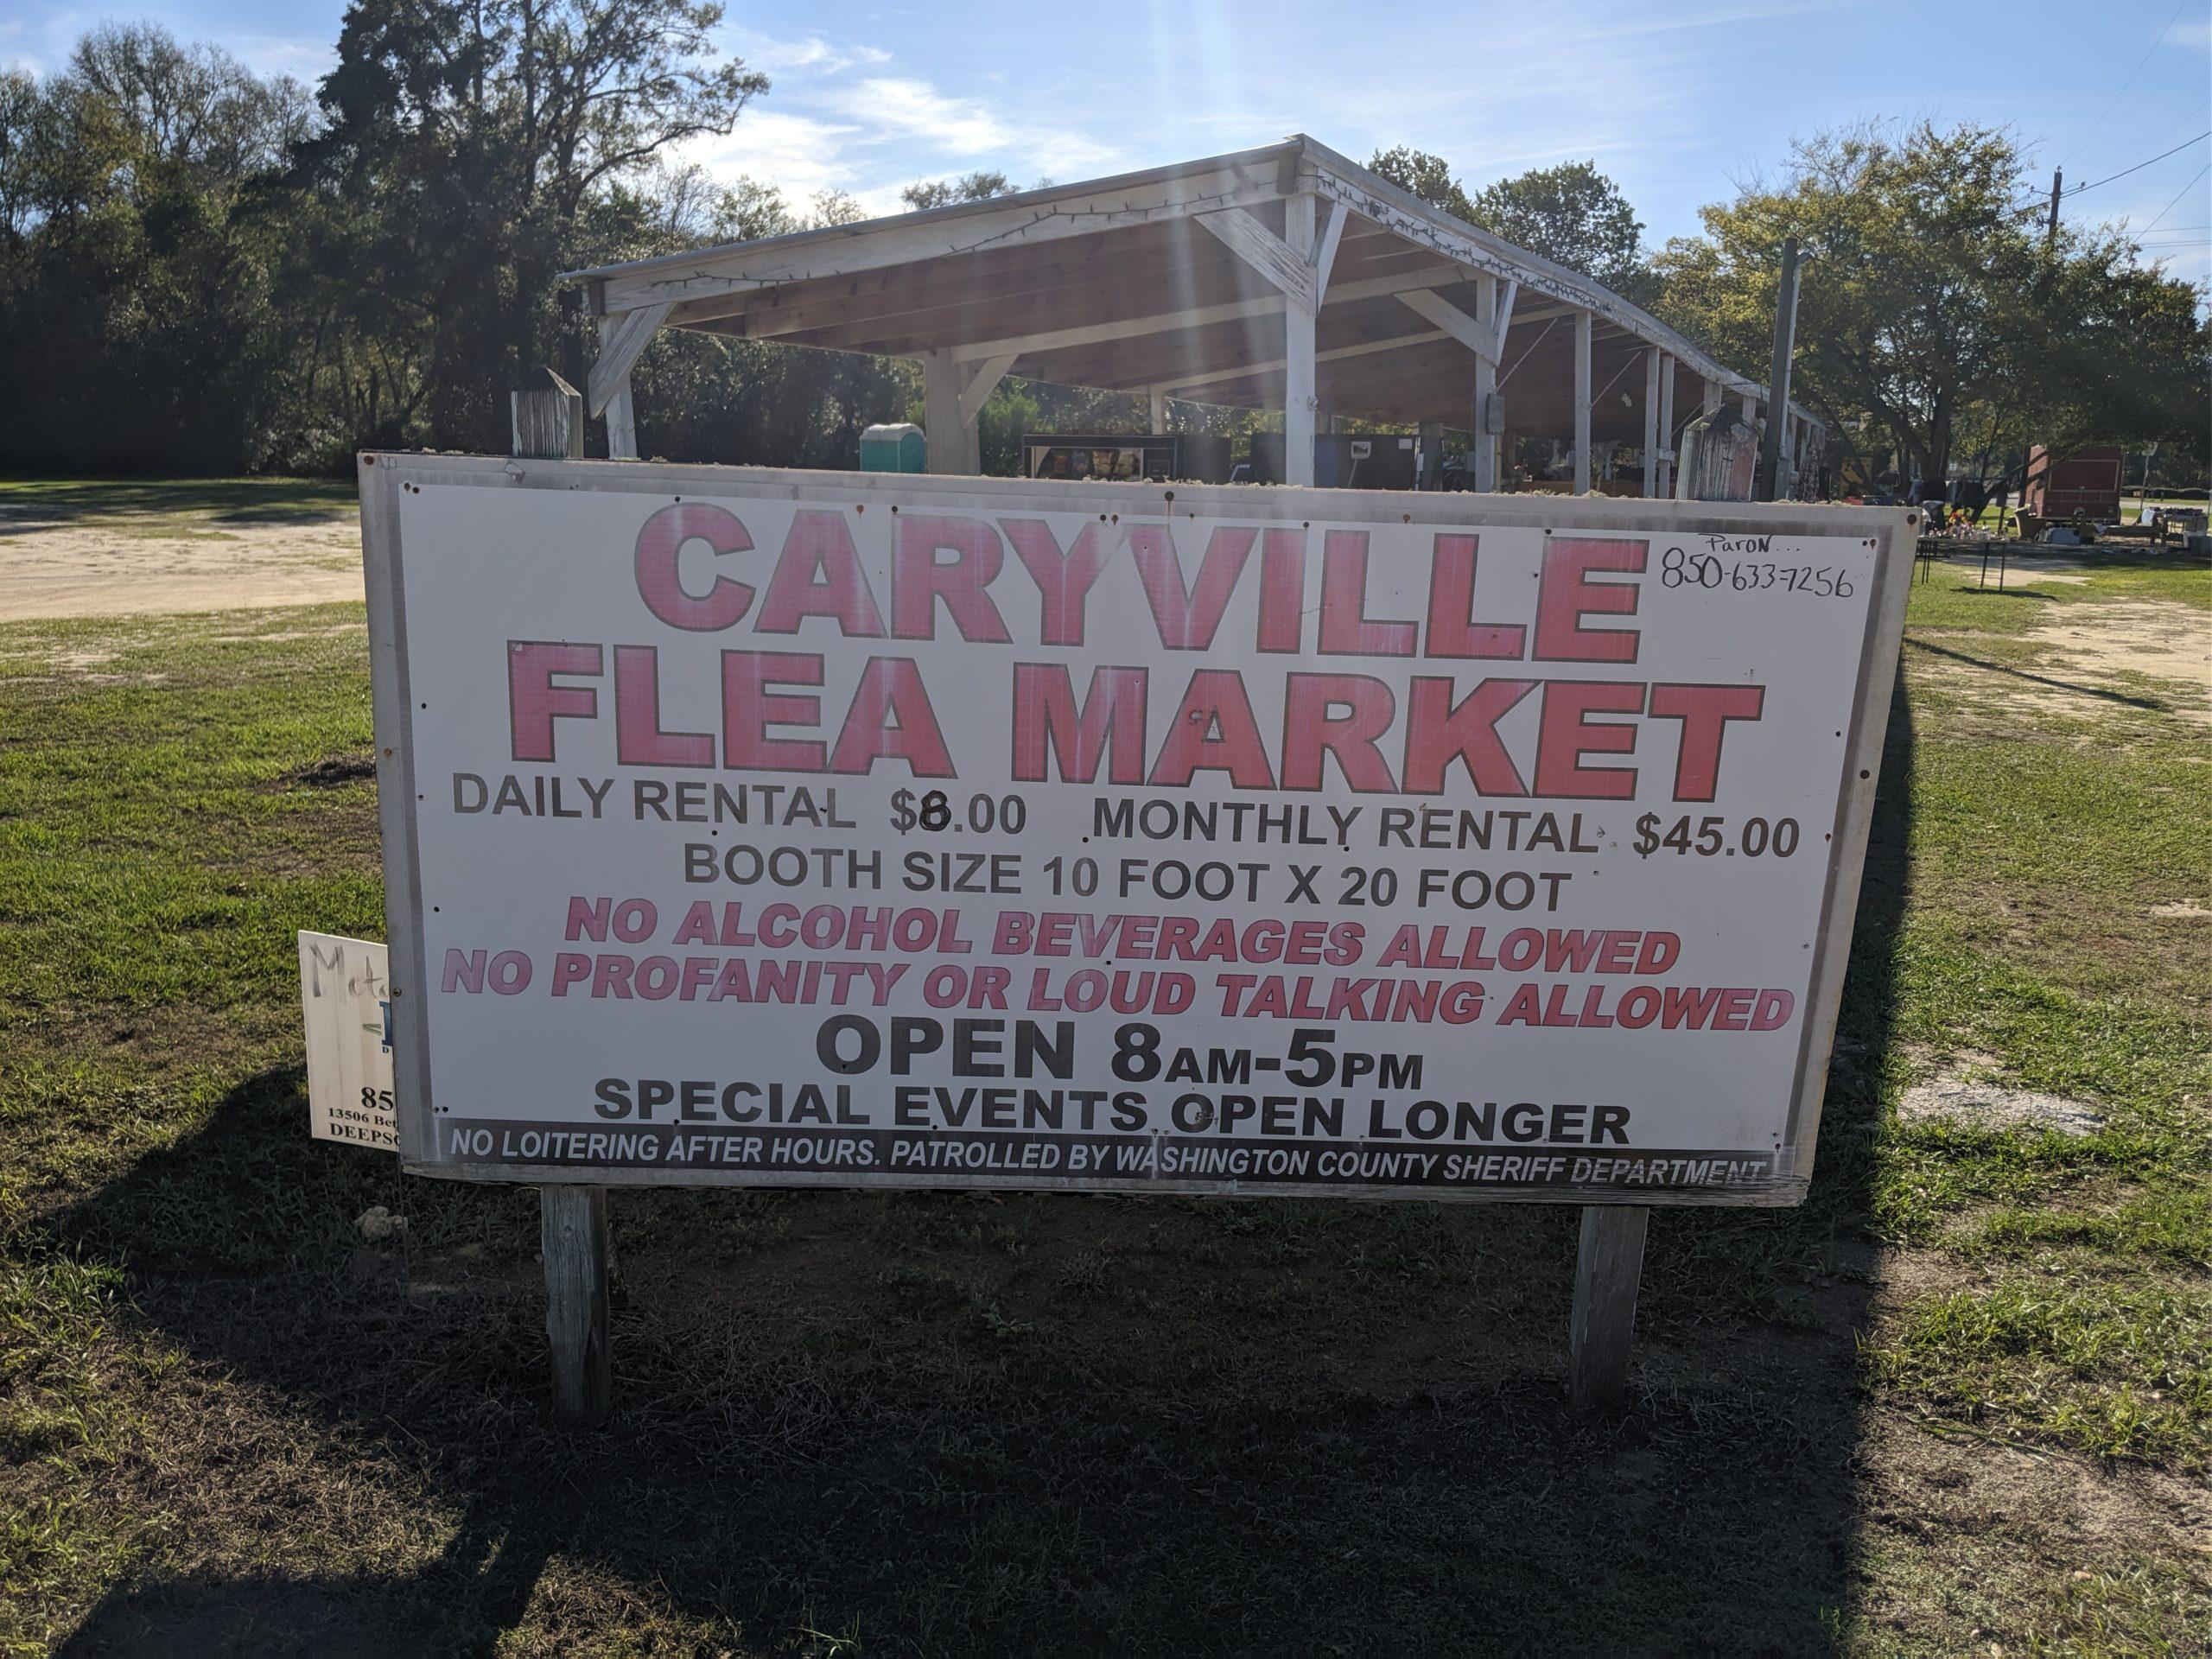 Caryville Flea Market